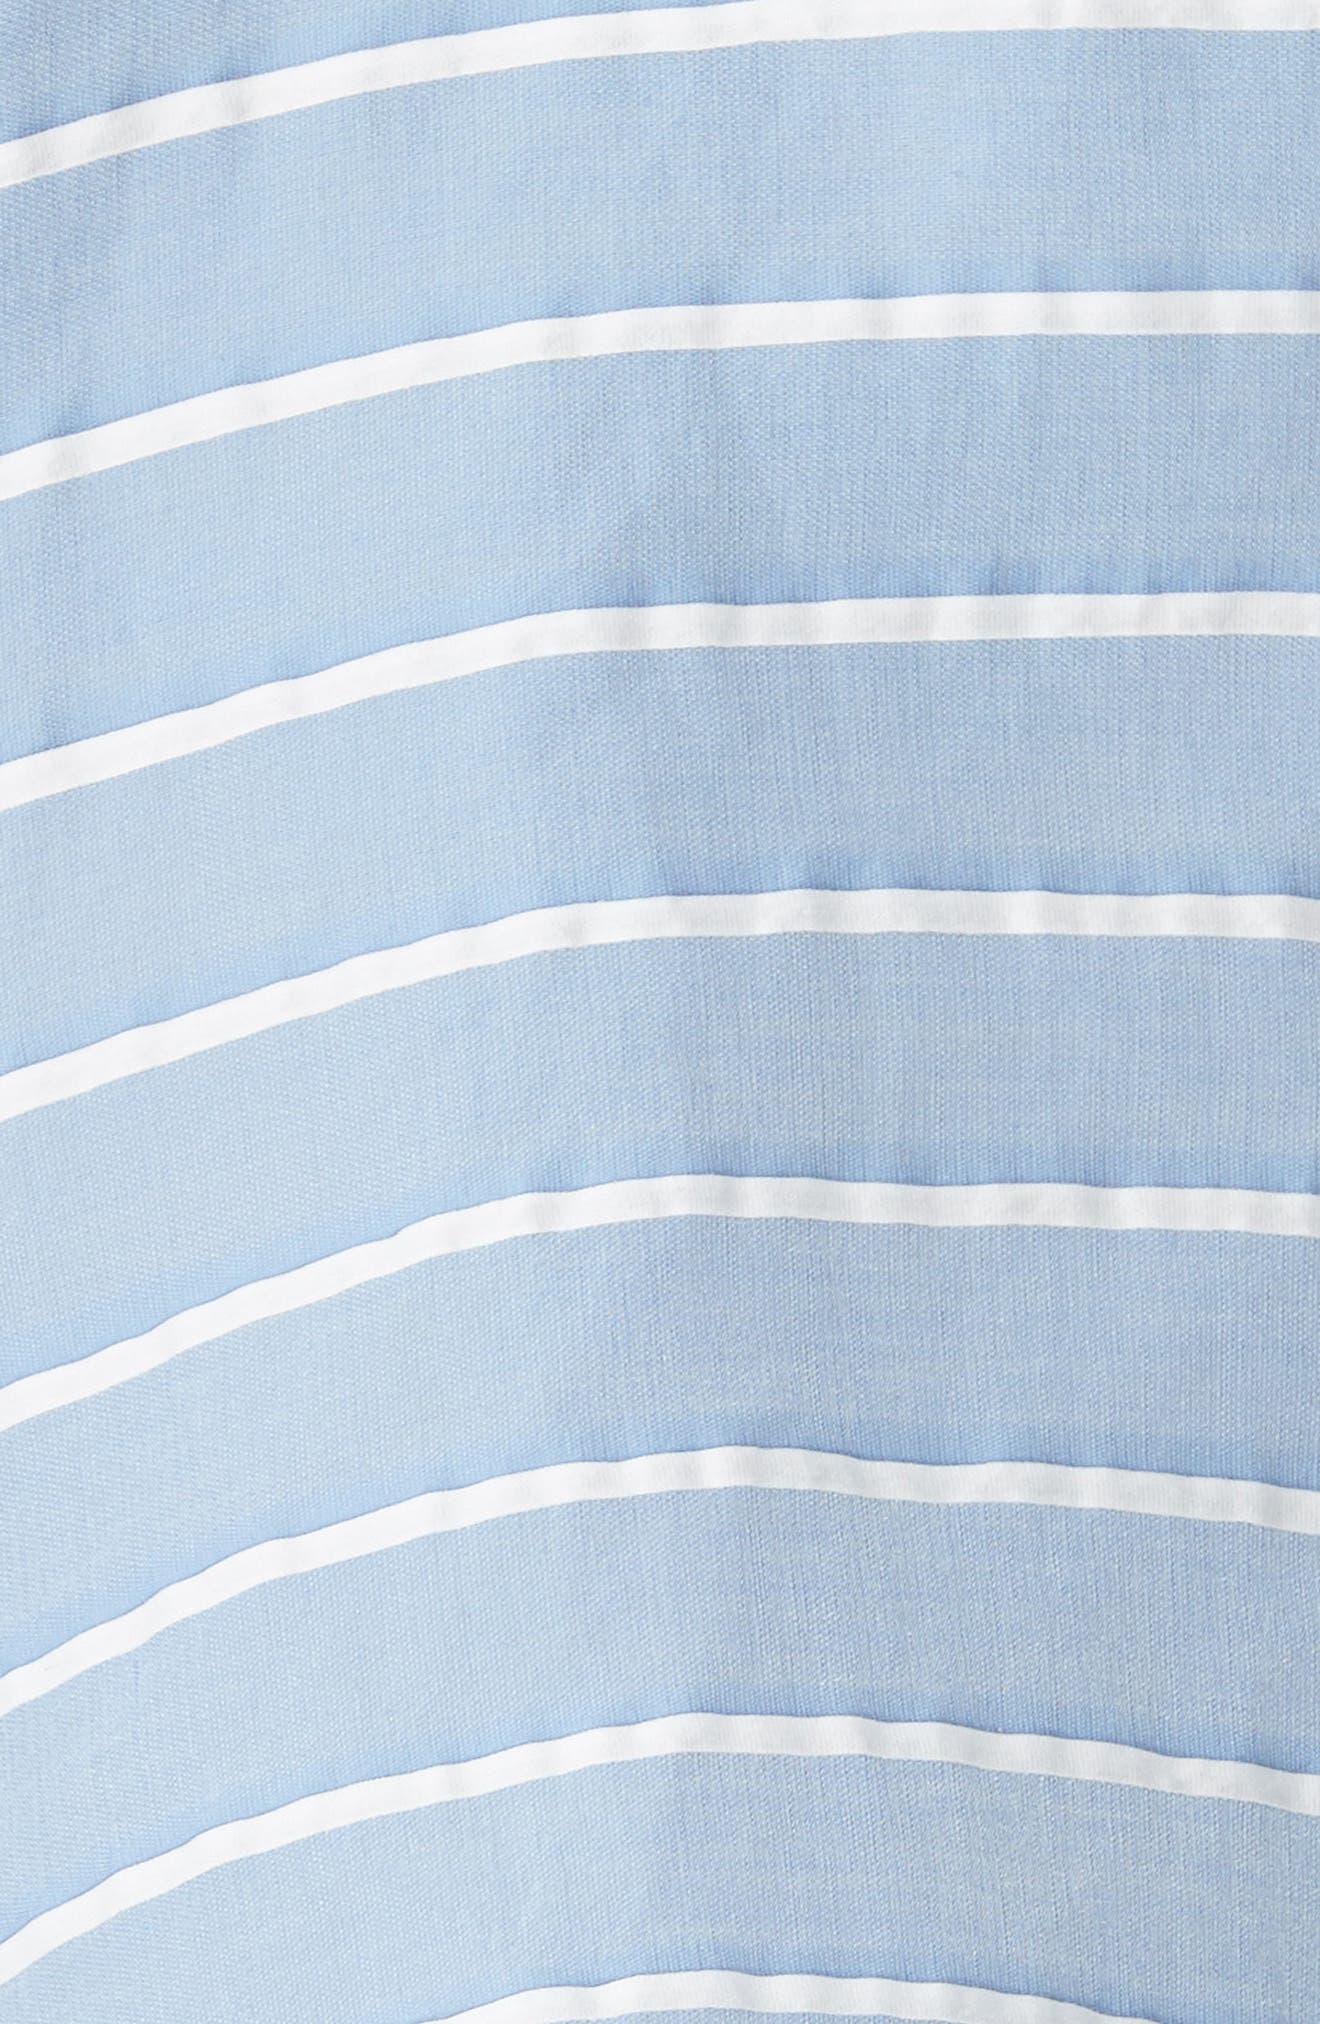 Lace Trim Asymmetrical Dress,                             Alternate thumbnail 5, color,                             White/ Chambray